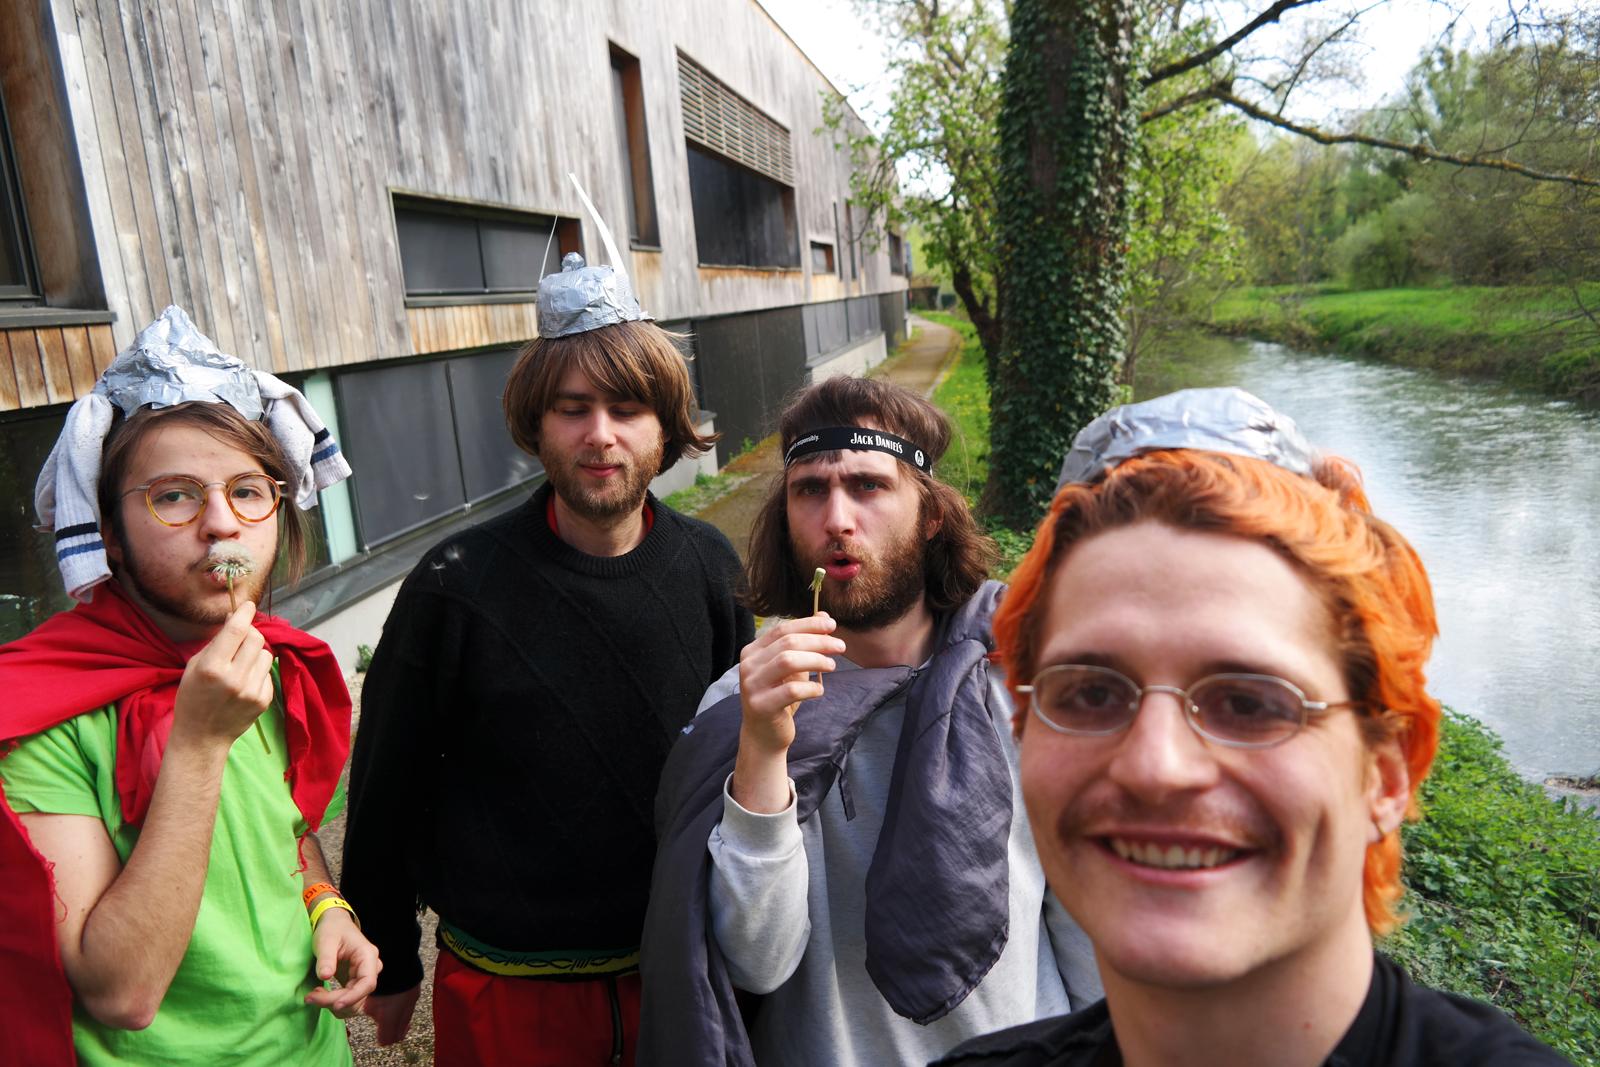 selfie original du groupe Salut c'est cool pour usofparis